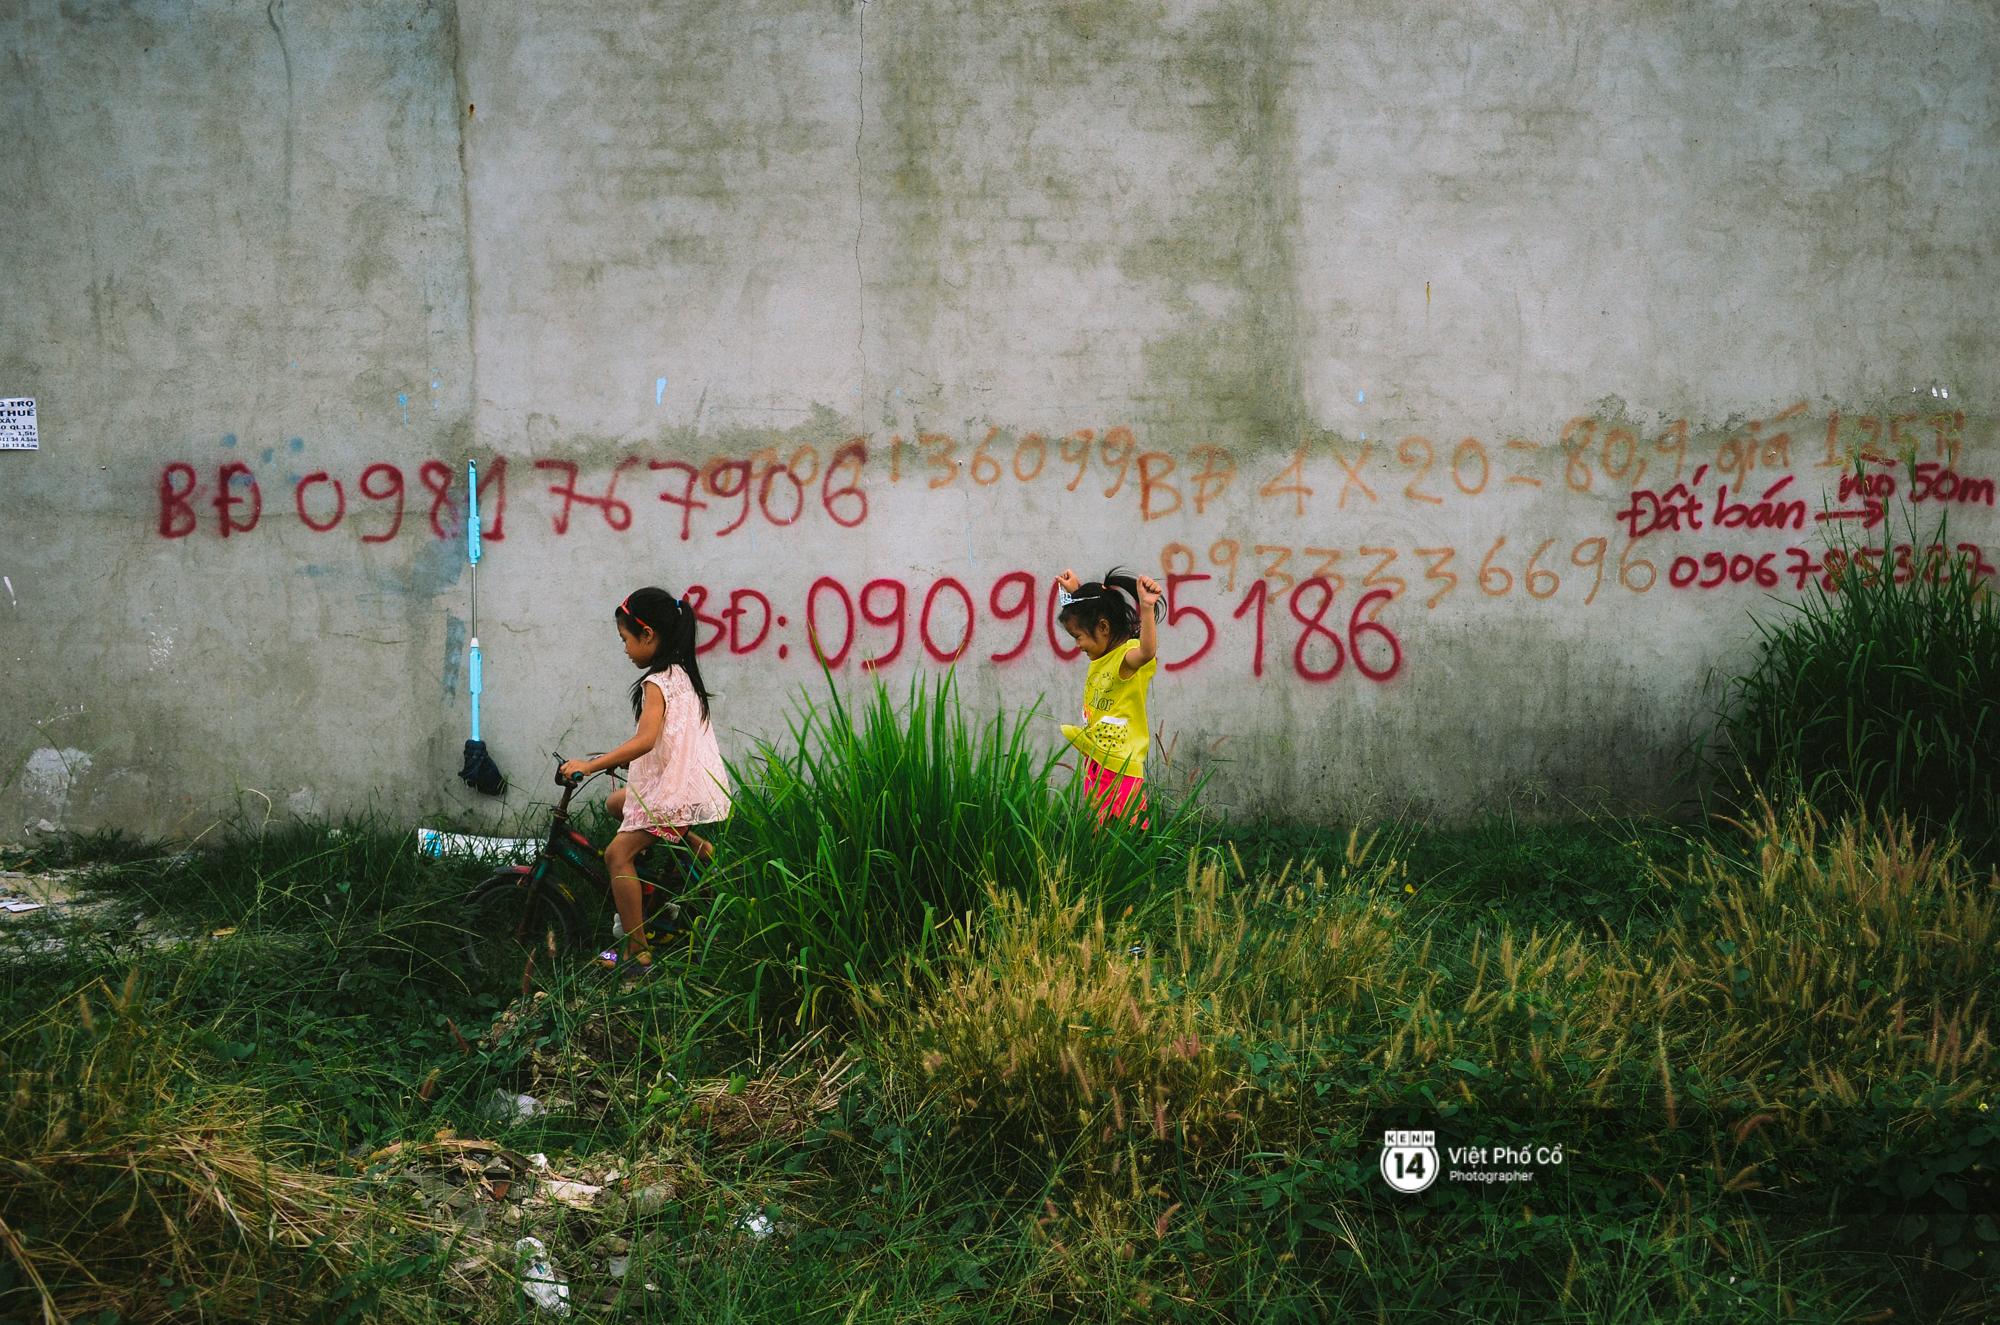 Gia đình vé số Sài Gòn: Ba mẹ ăn chuối luộc thay cơm, hai con gái không biết đến thịt cá - Ảnh 13.